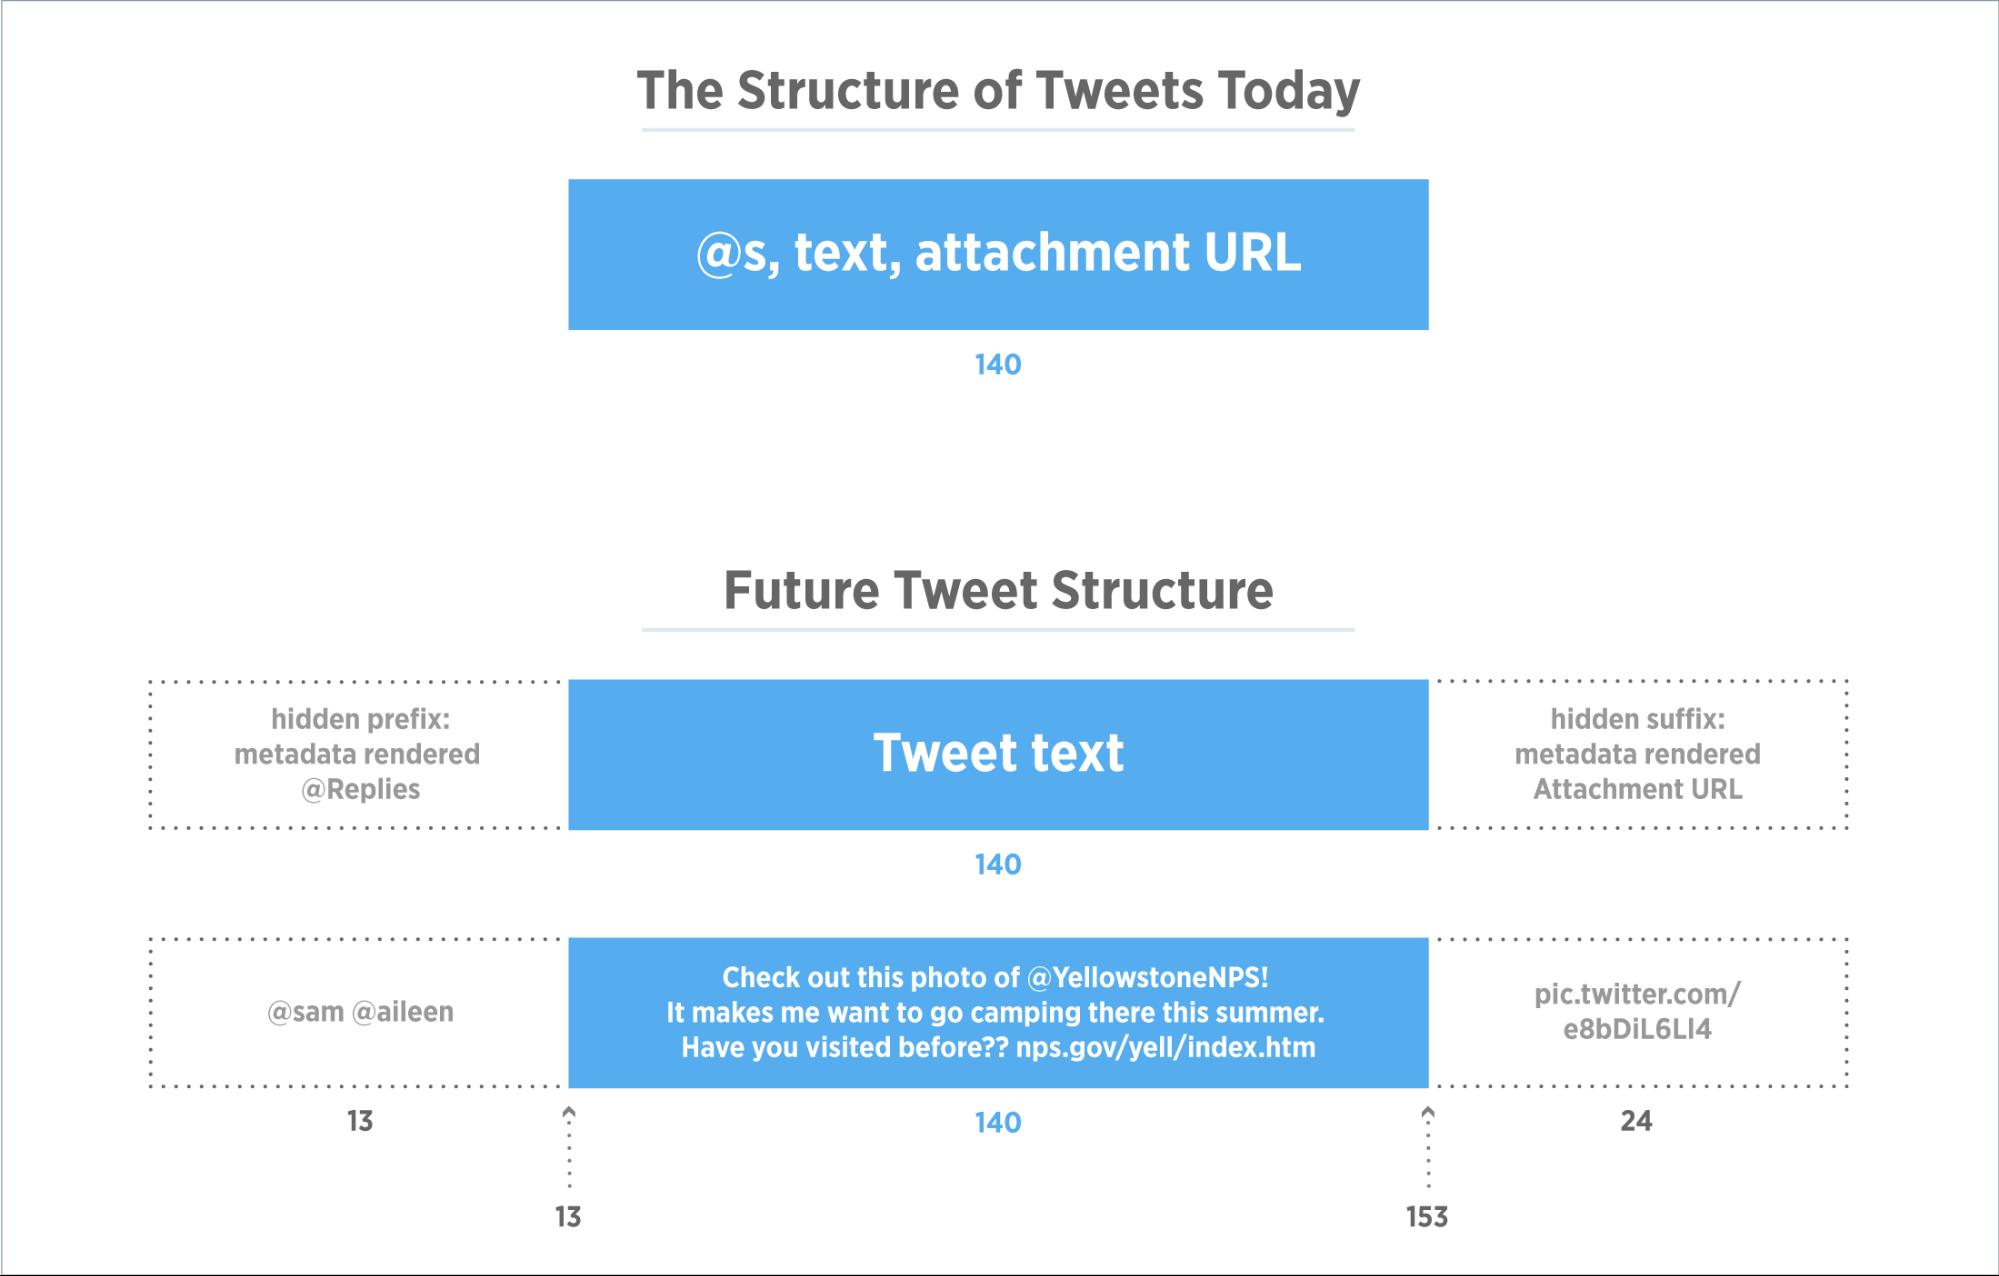 Tiré de la page : Upcoming changes to Tweets